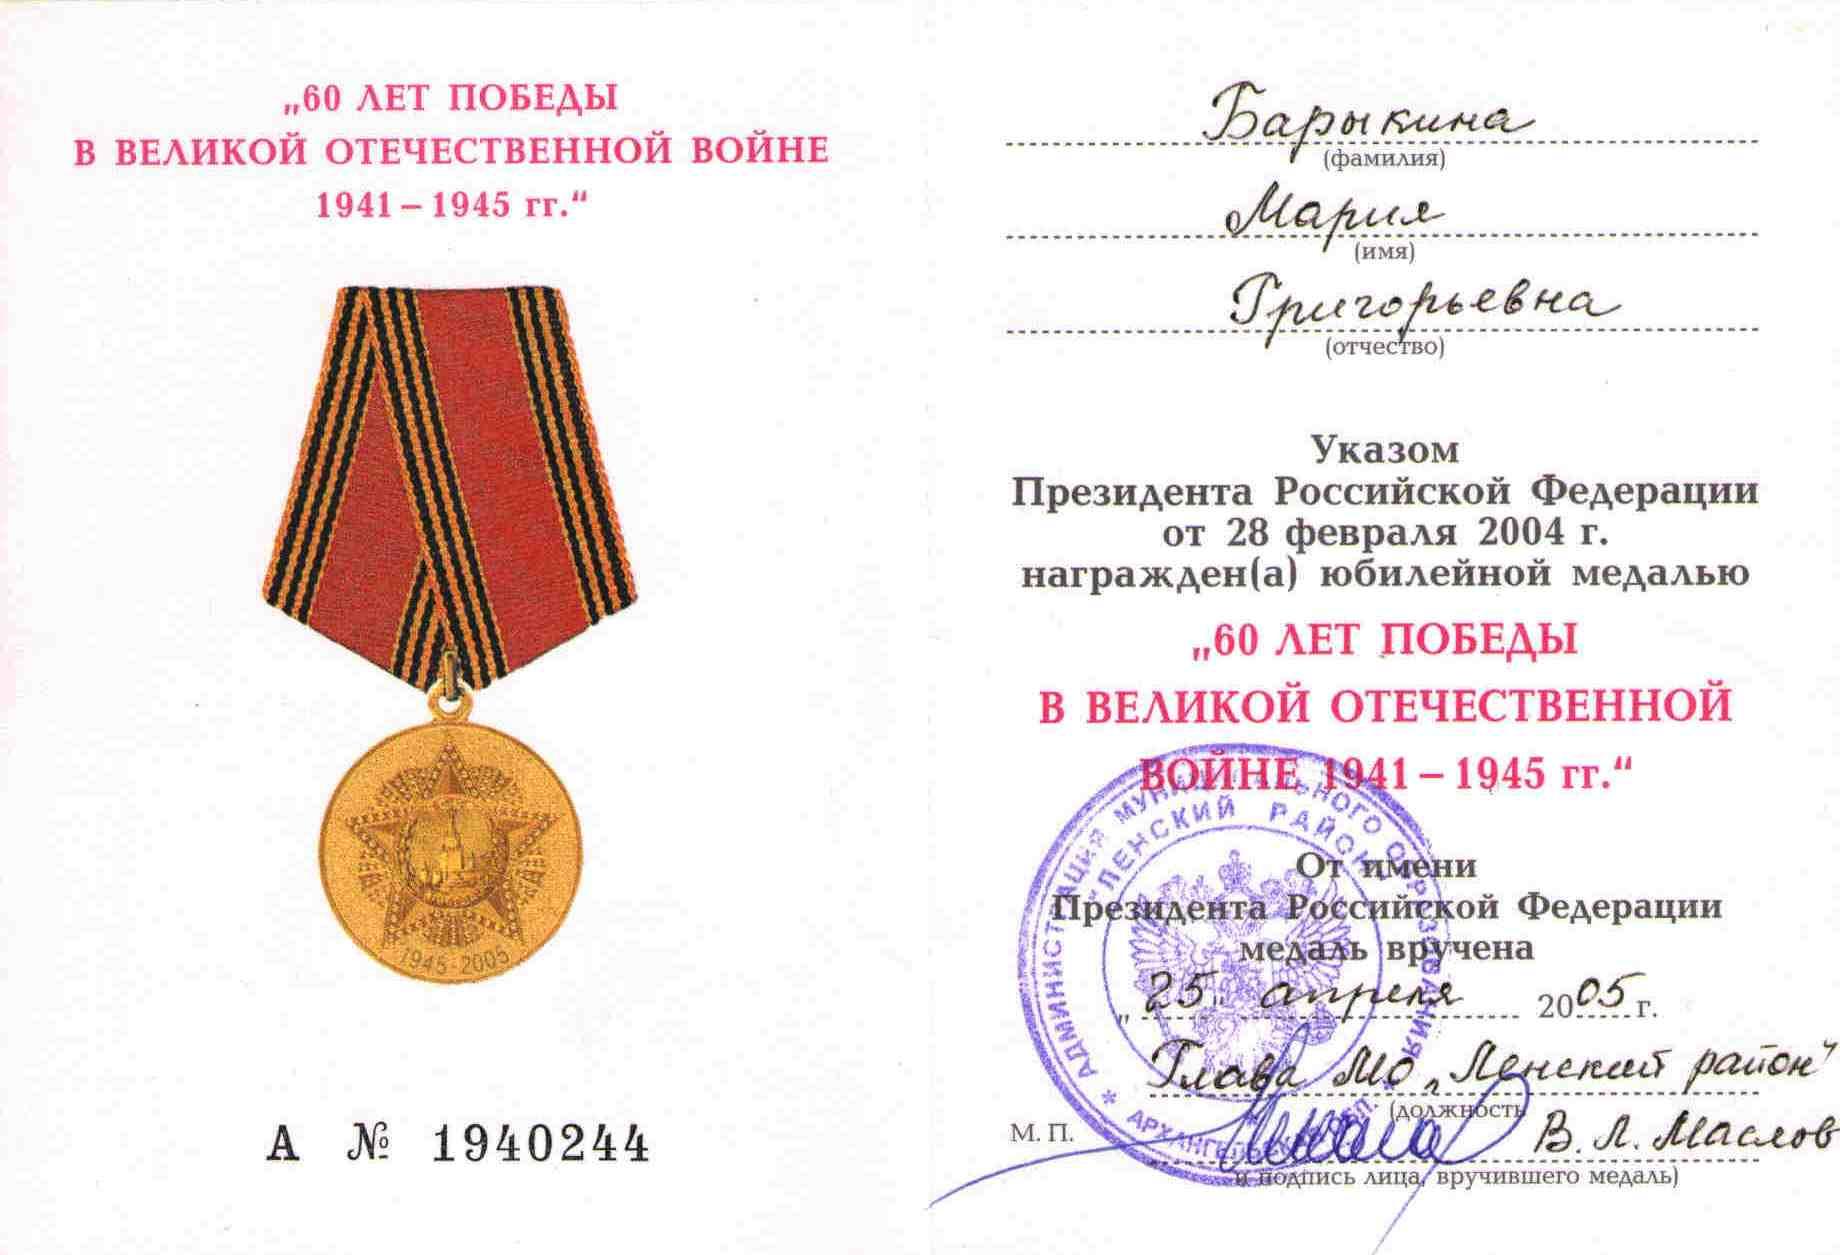 140. Удостоверение к медали 60 лет Победы, Барыкина МГ, 2005